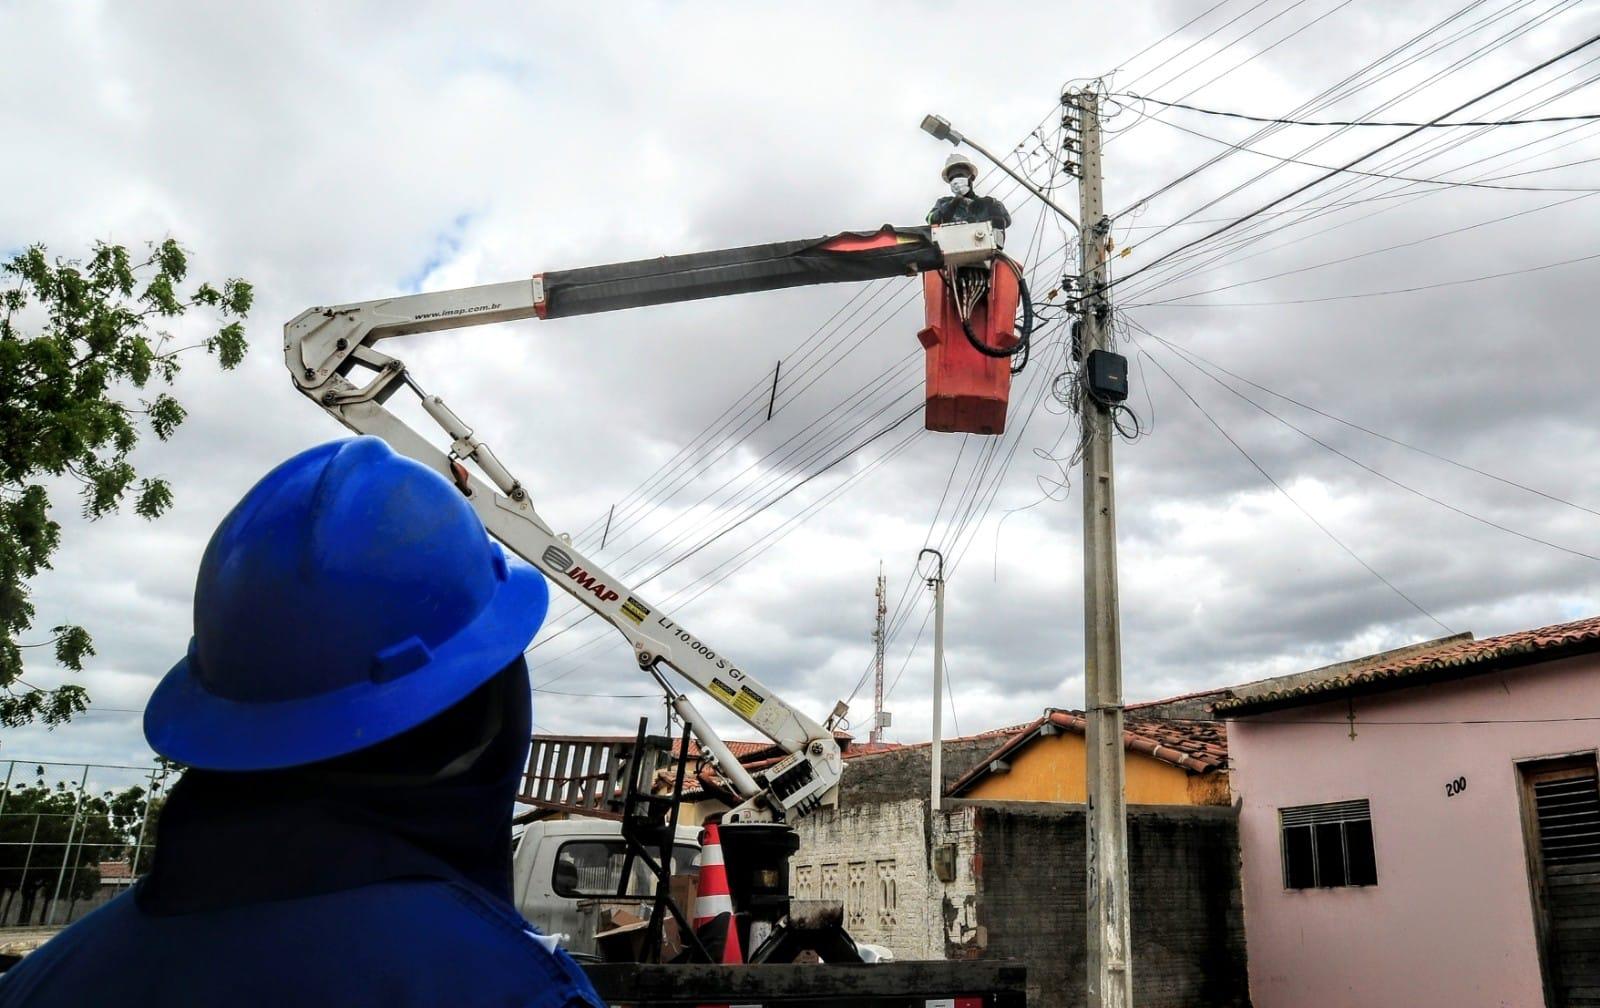 Modernização da iluminação pública proporciona segurança à população